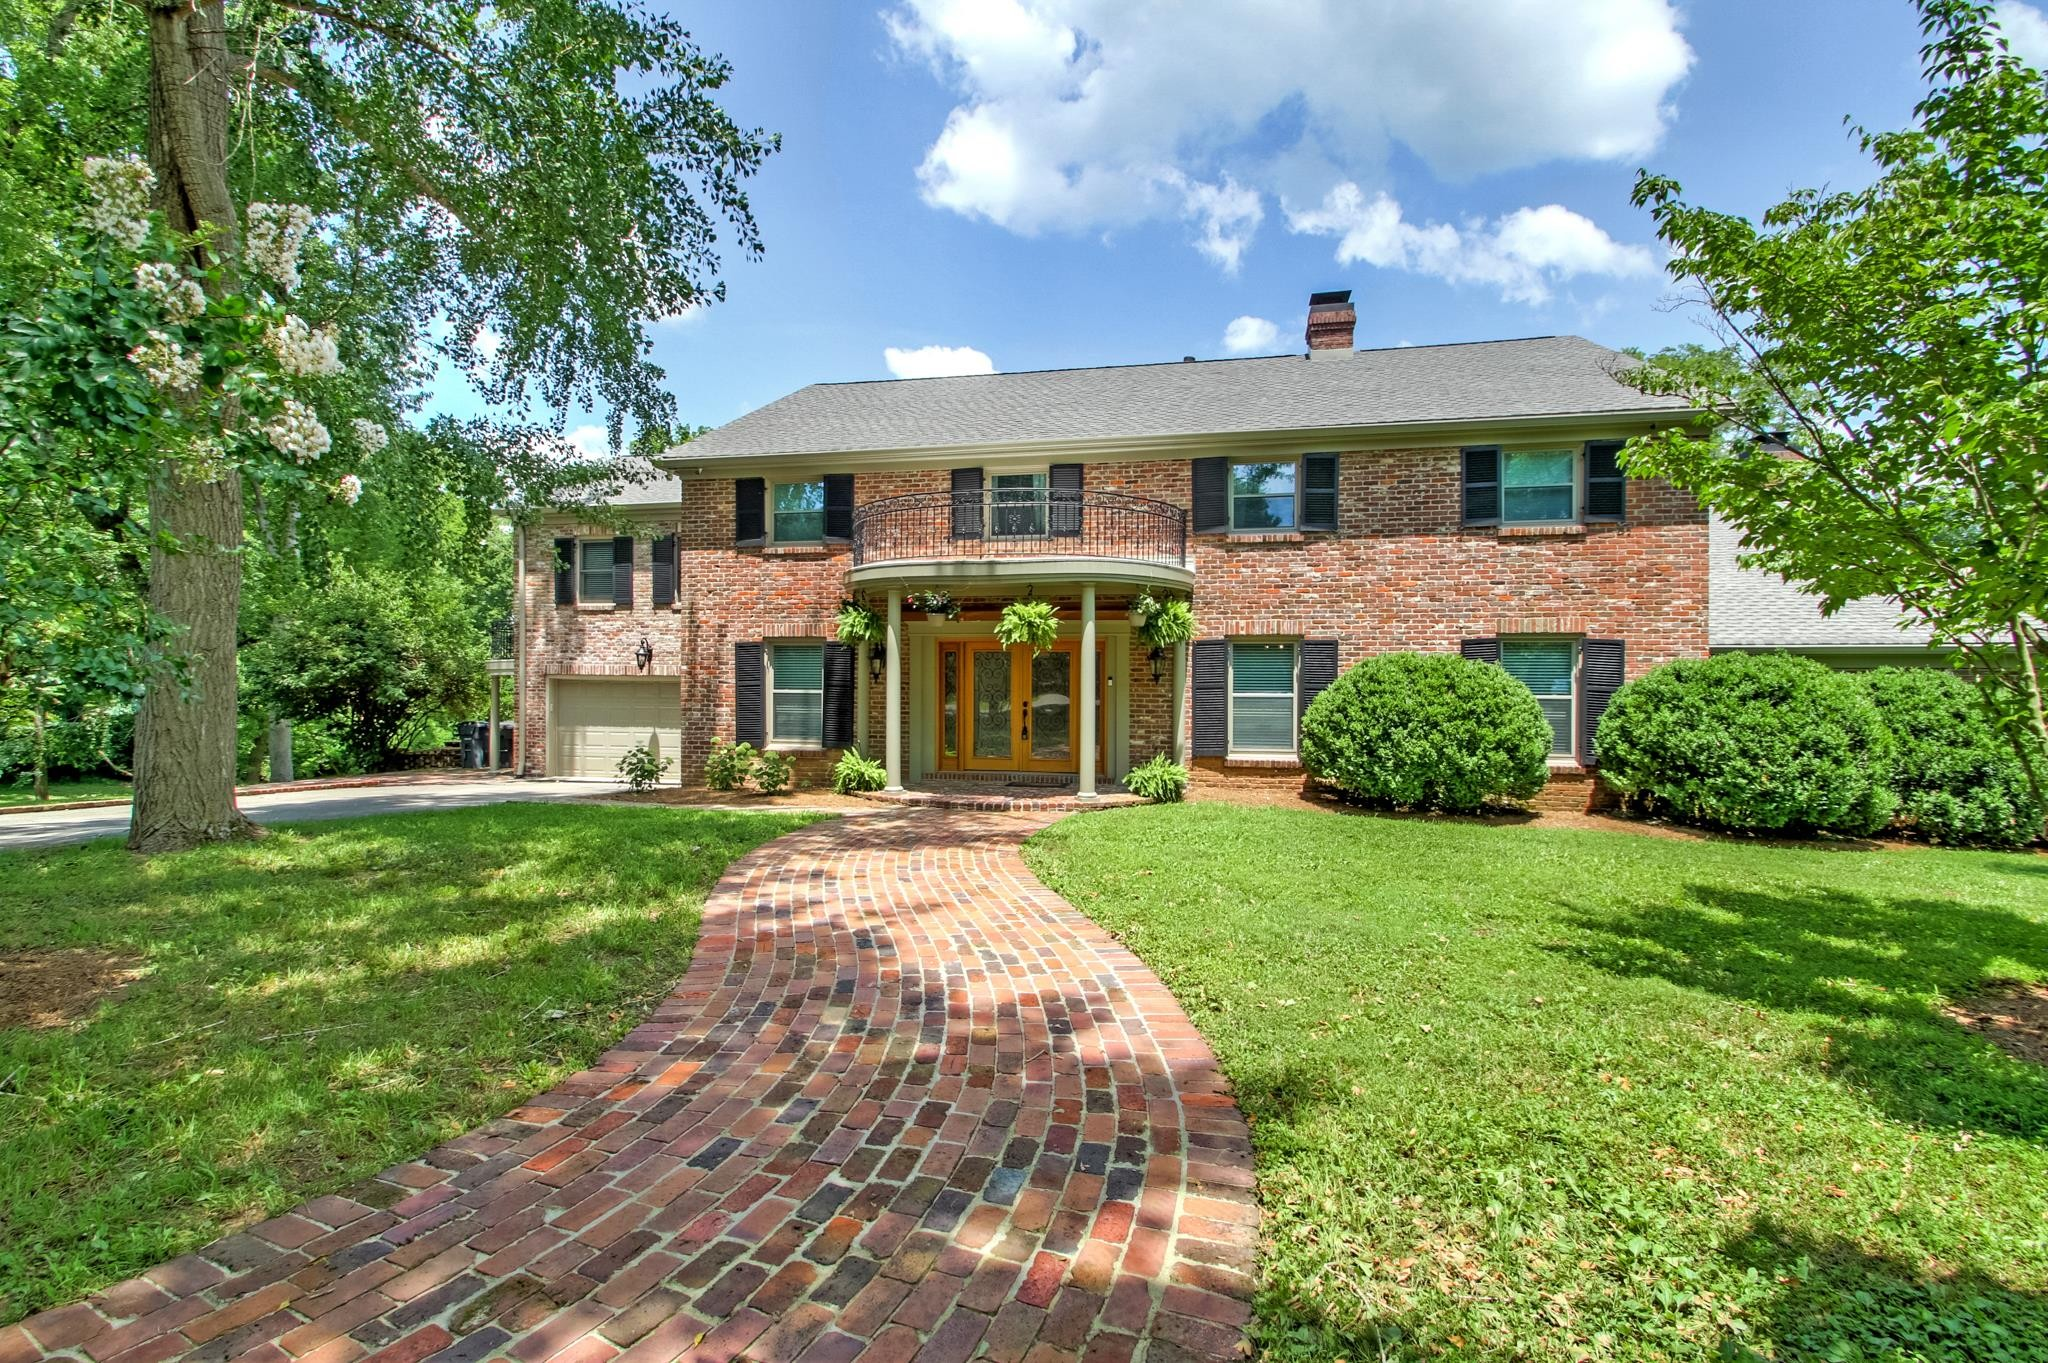 1410 Sunnyside Dr Property Photo 1